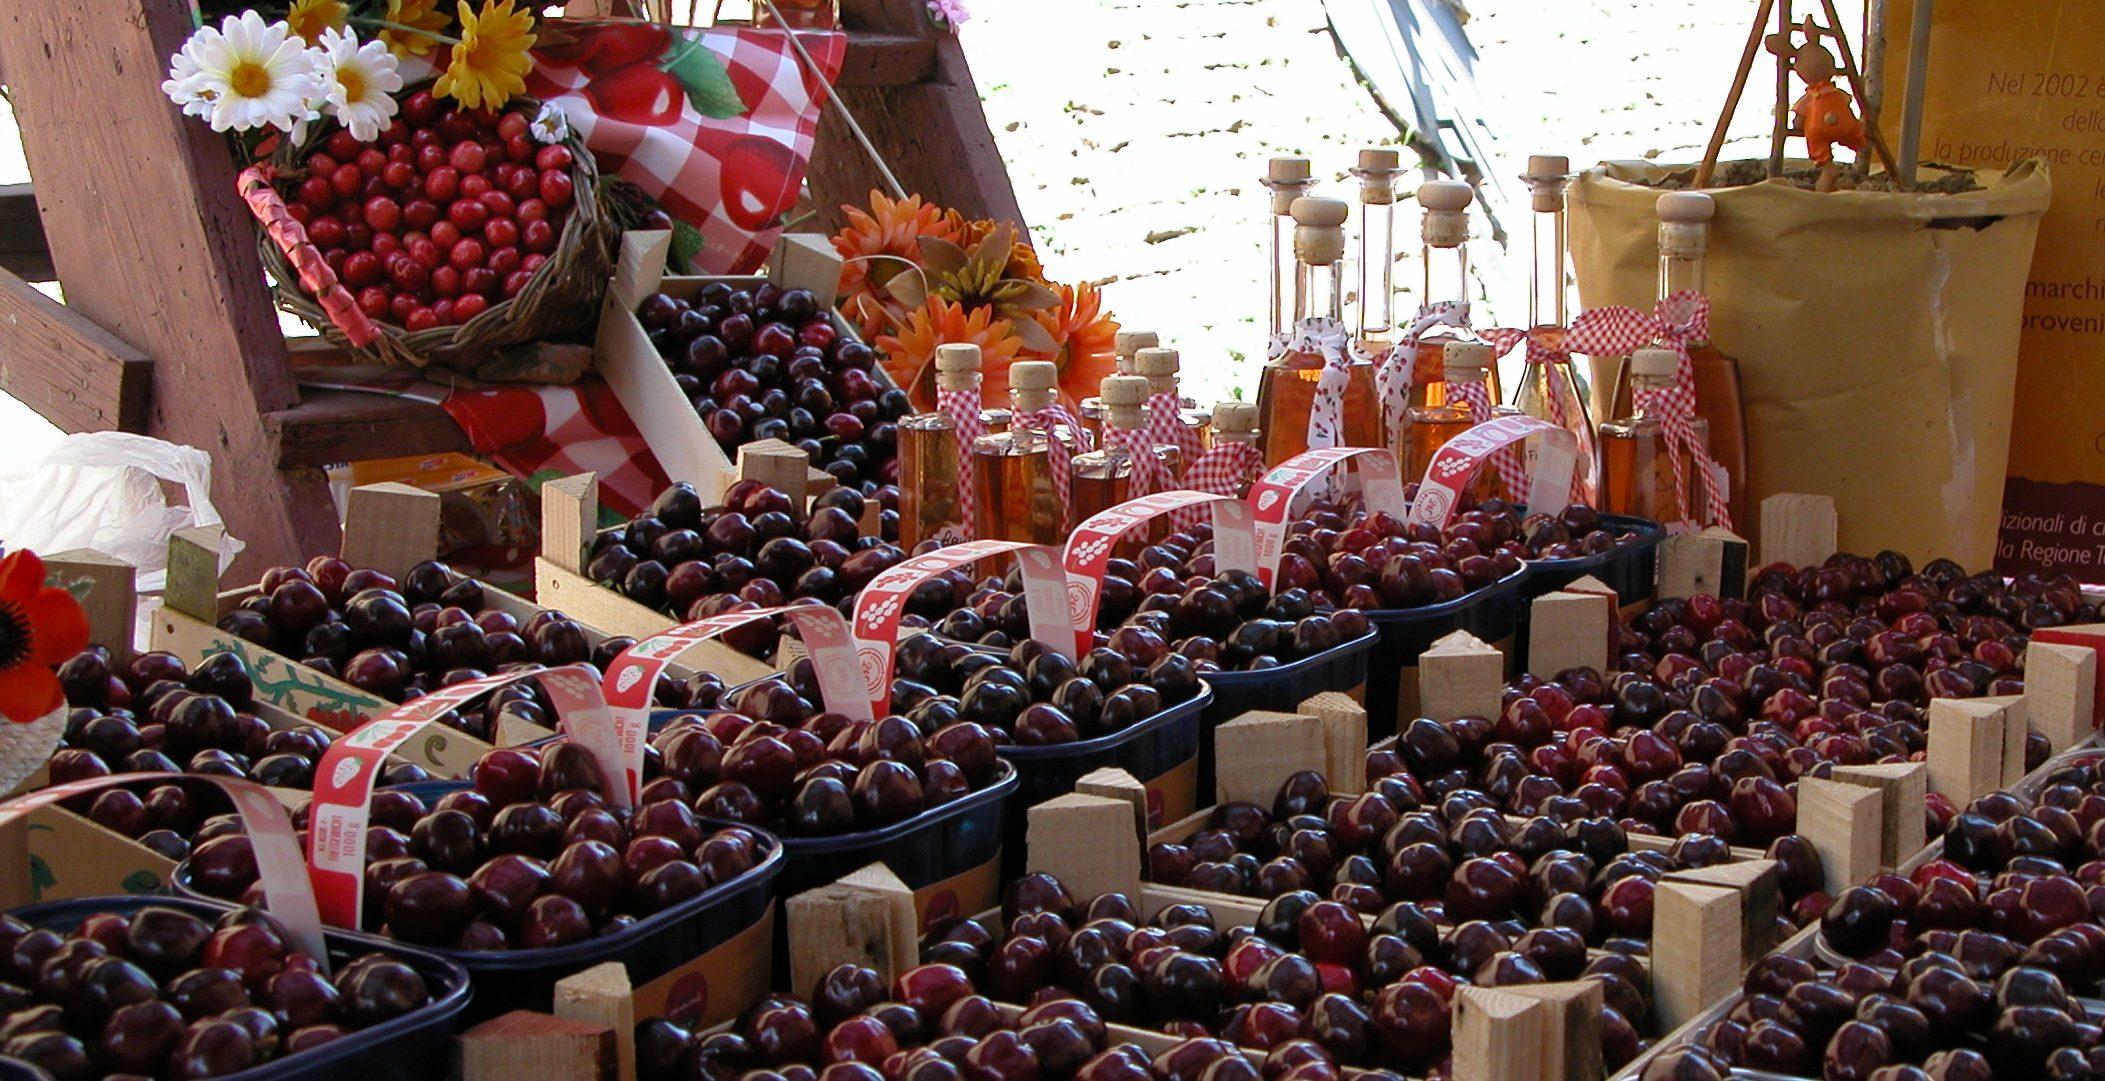 Mostra mercato delle ciliegie | Lari